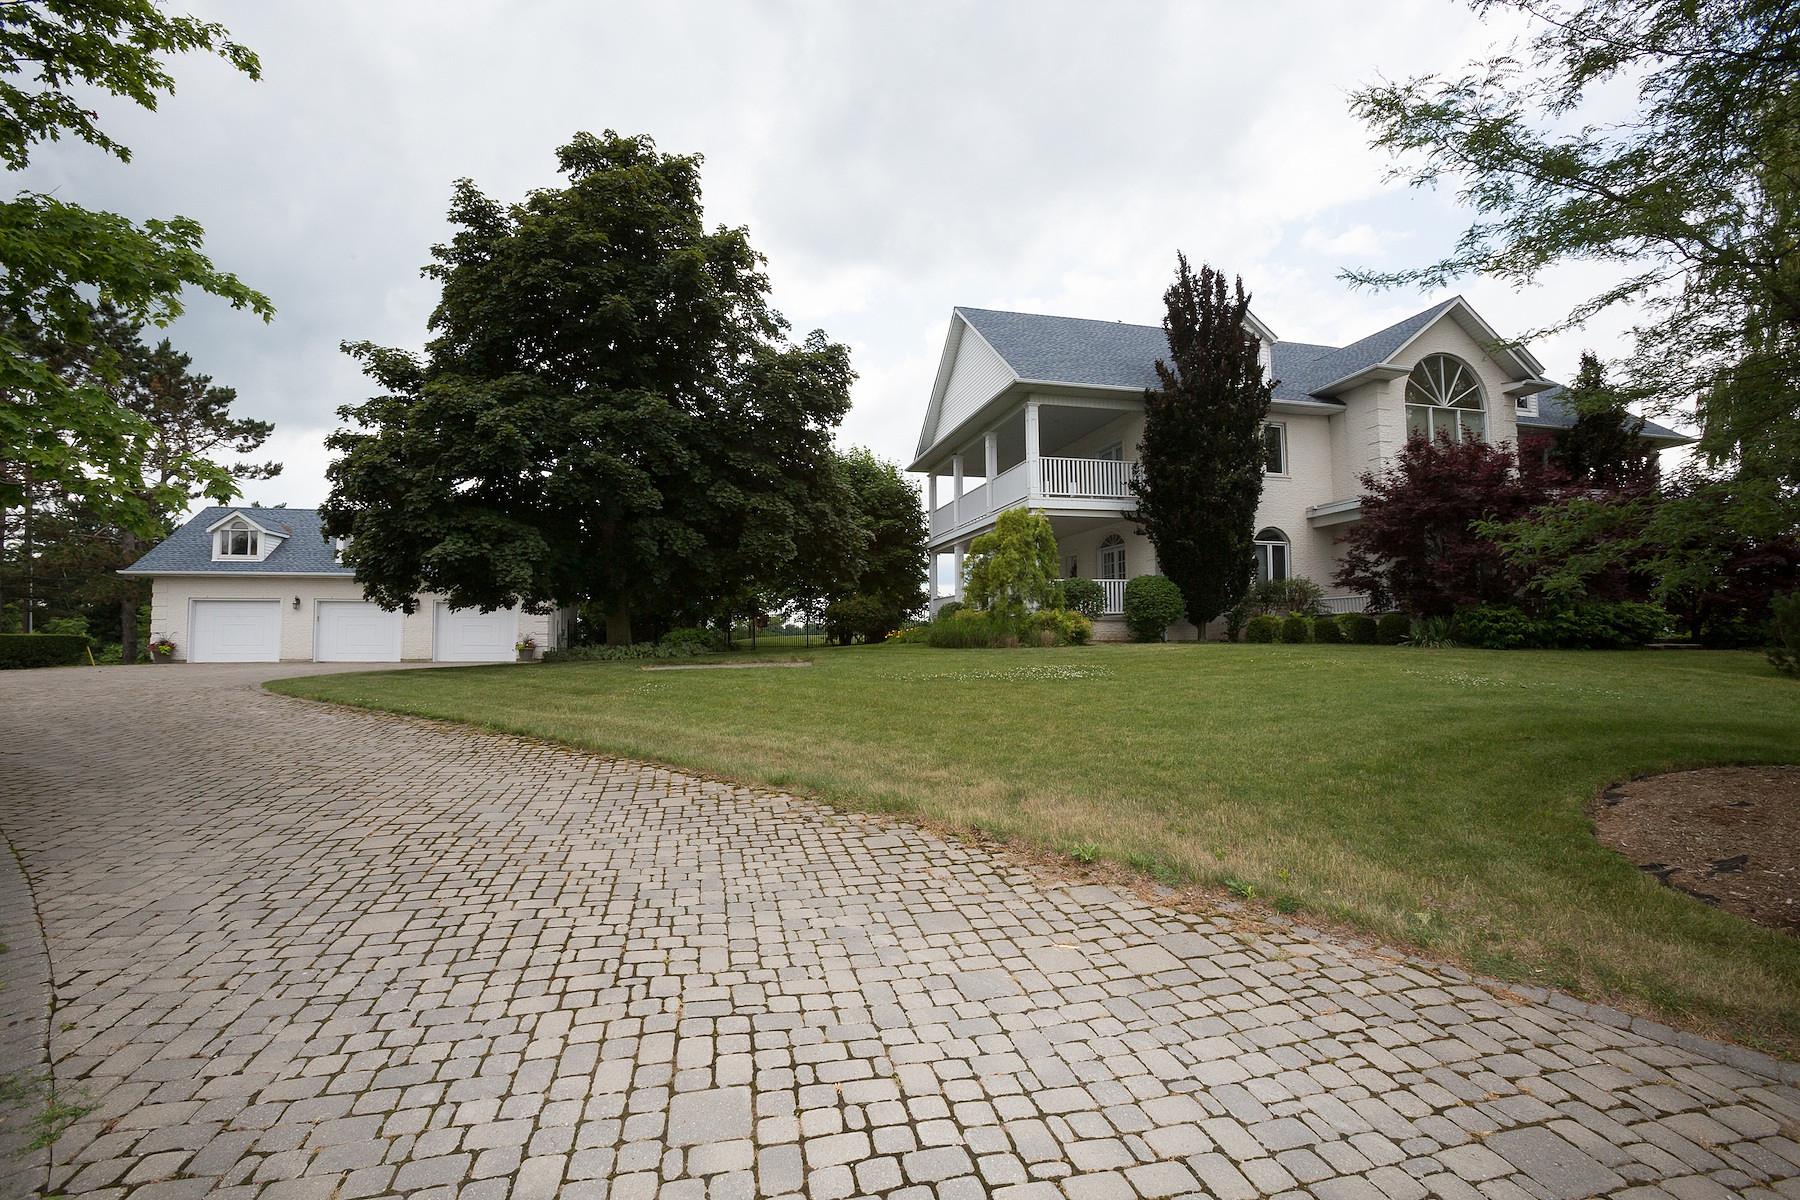 Property For Sale at Brantford Equestrian Estate